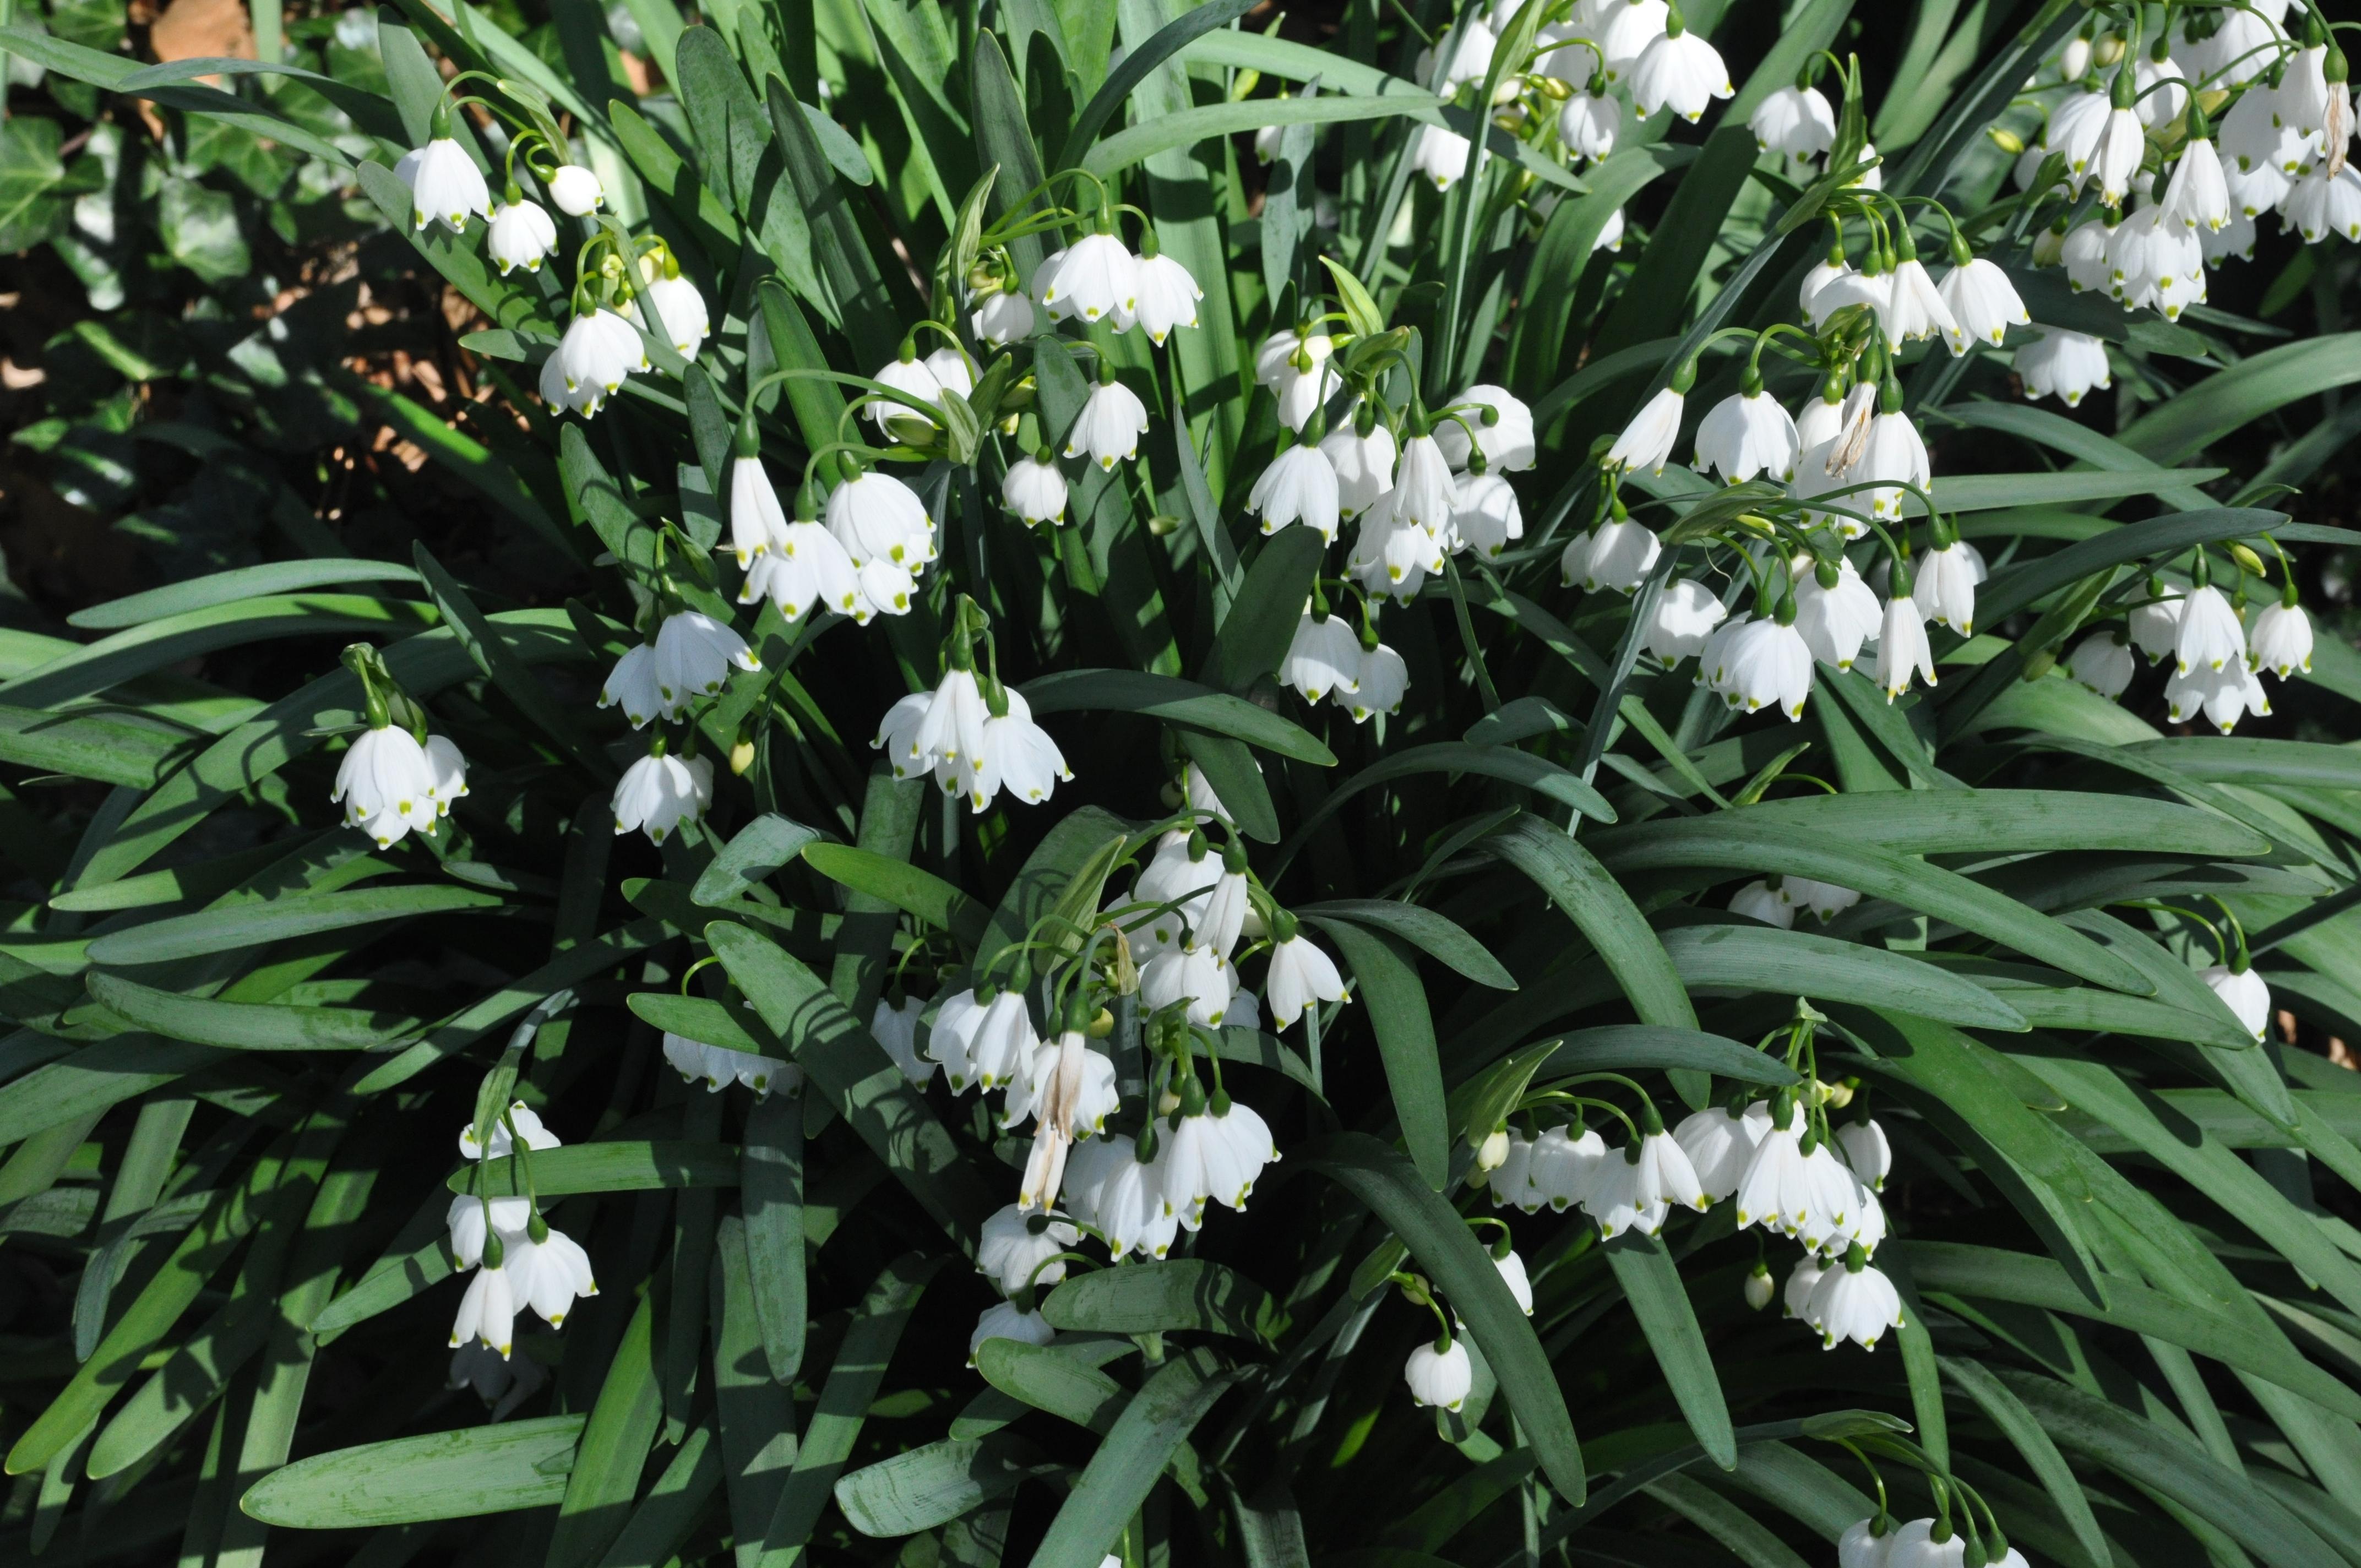 white bulb flowers